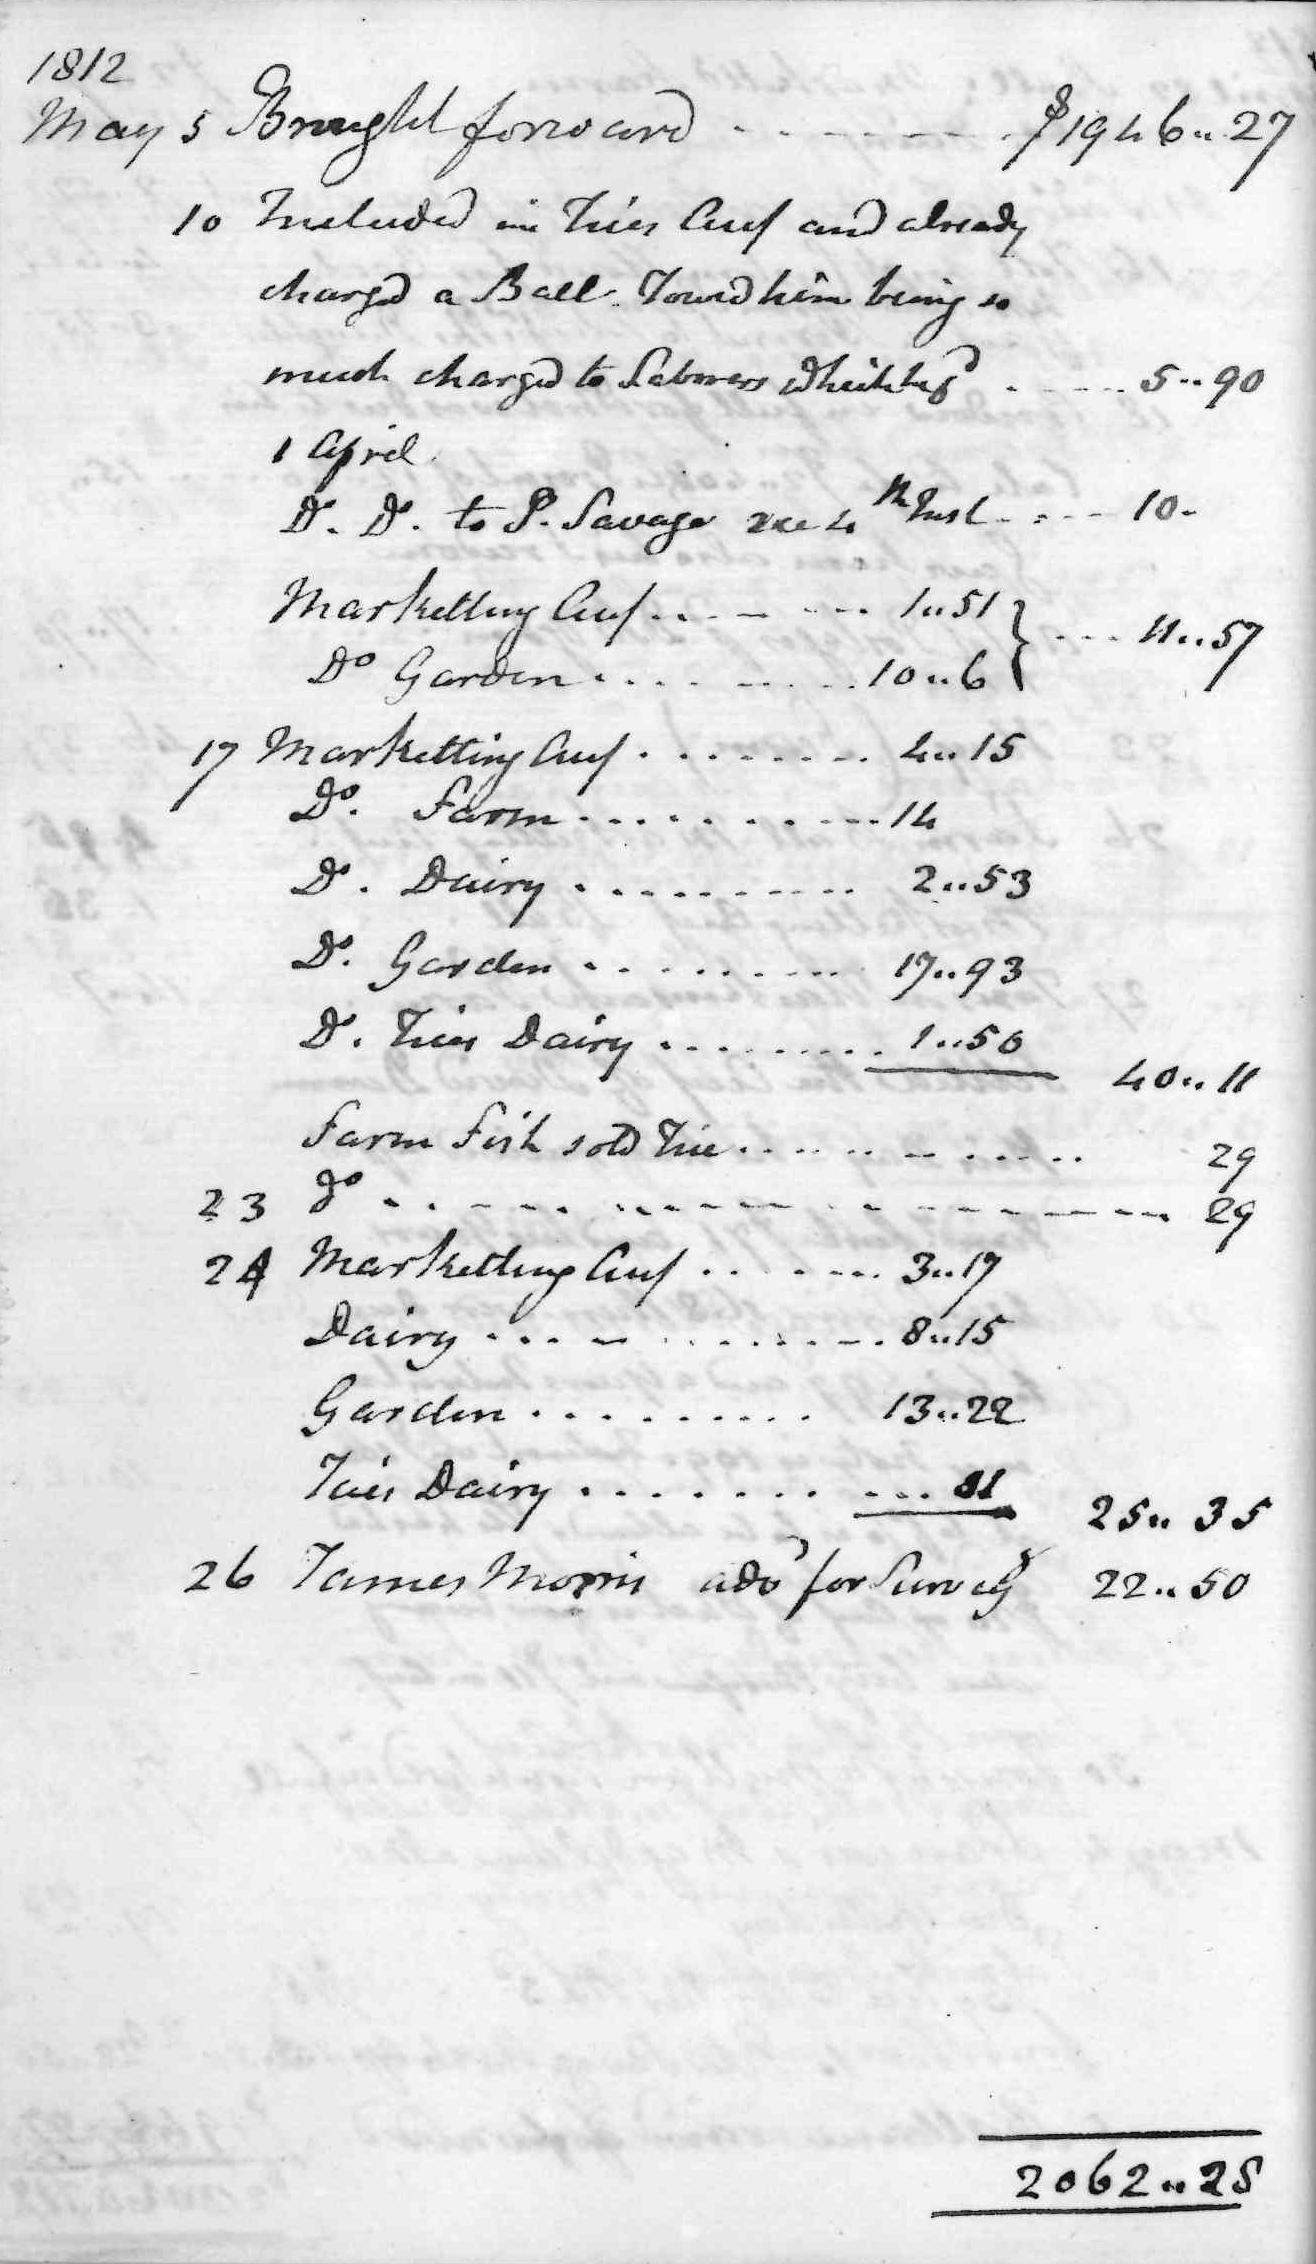 Gouverneur Morris Cash Book, folio 7, left side